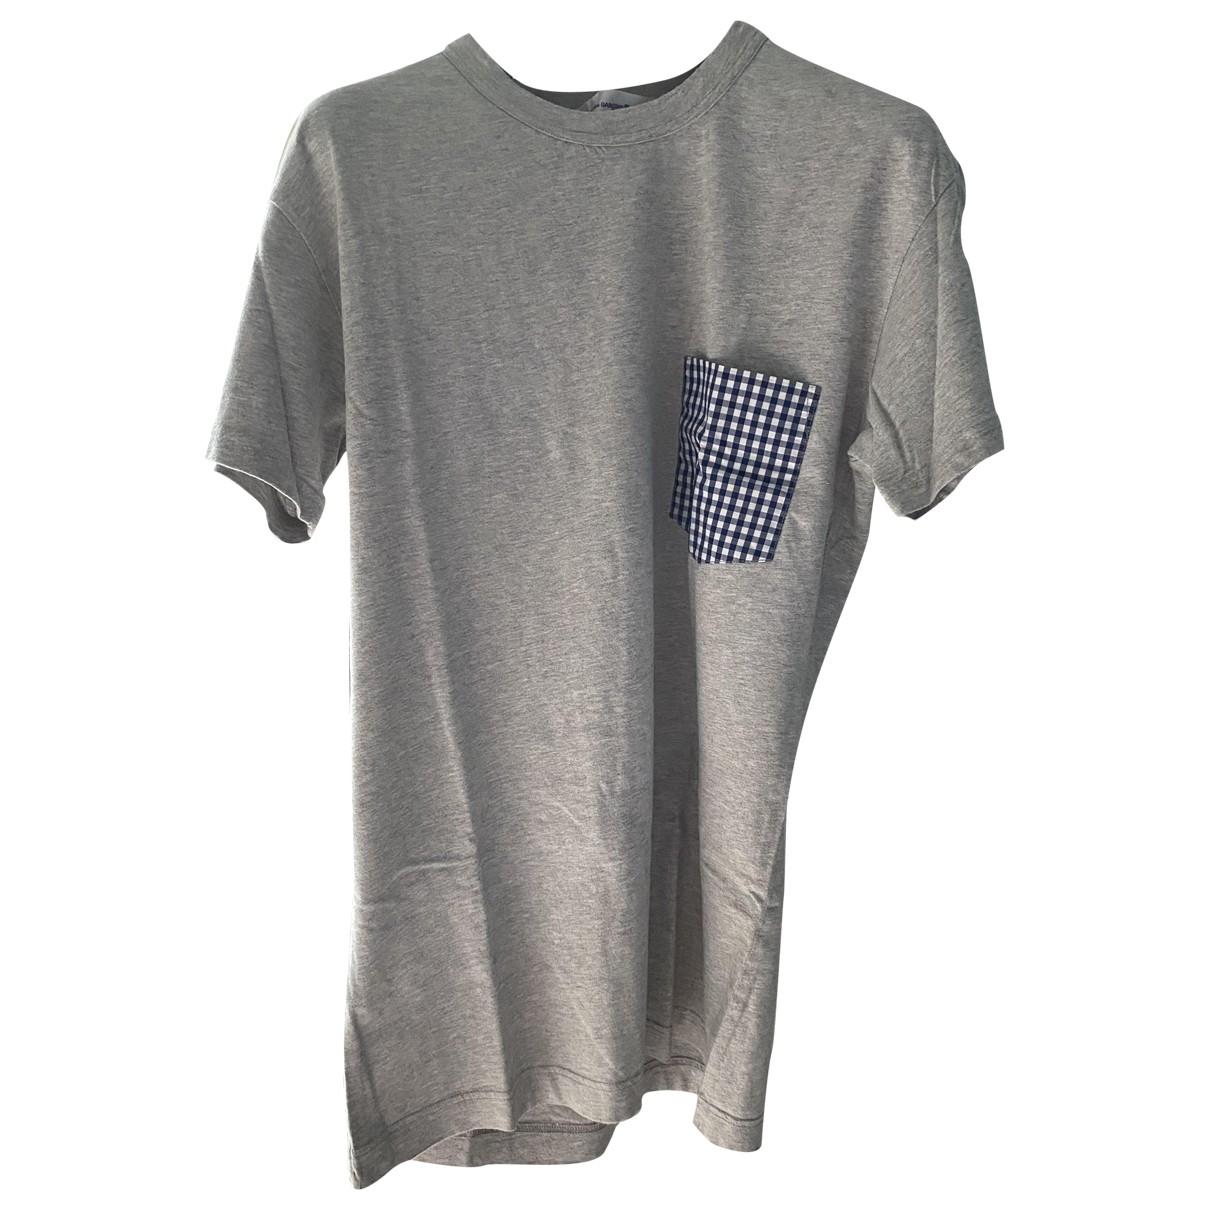 Comme Des Garcons - Tee shirts   pour homme en coton - gris